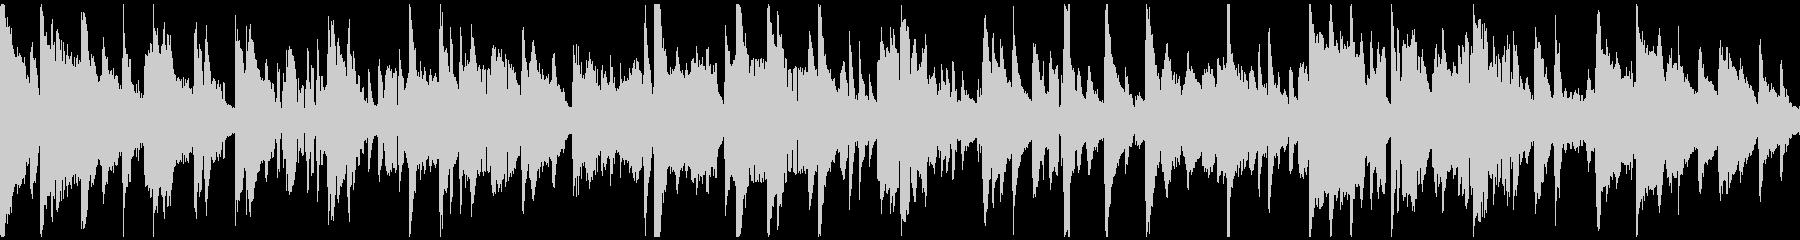 お下品なエロいサックス ※ループ仕様版の未再生の波形